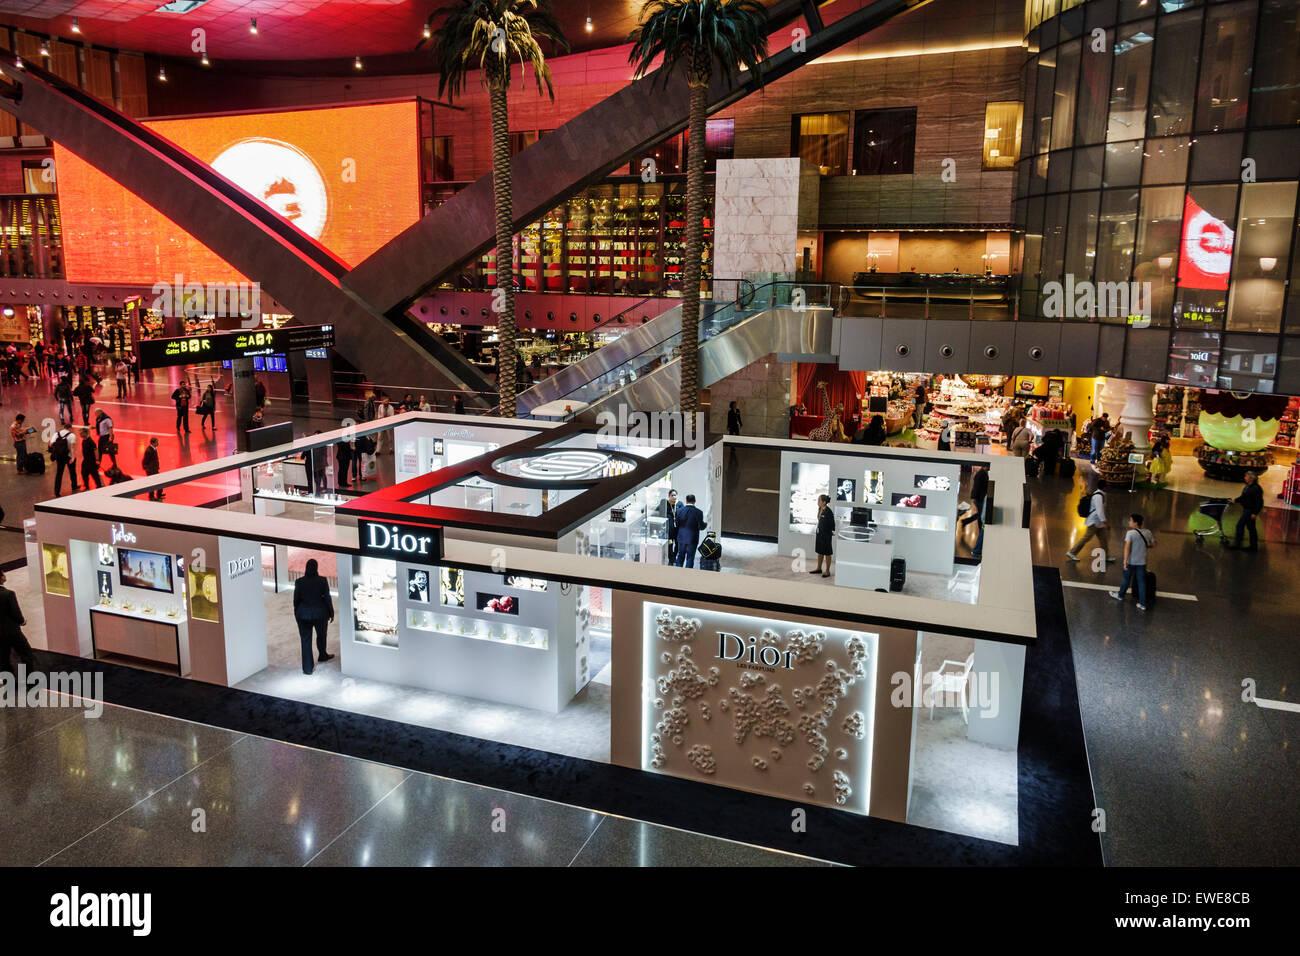 Qatar, Doha, Moyen-Orient, est, aéroport international de Hamad, DOH, terminal, hall, zone d'entrée, intérieur, shopping shopper shoppers shopping shops shopping shops ma Banque D'Images